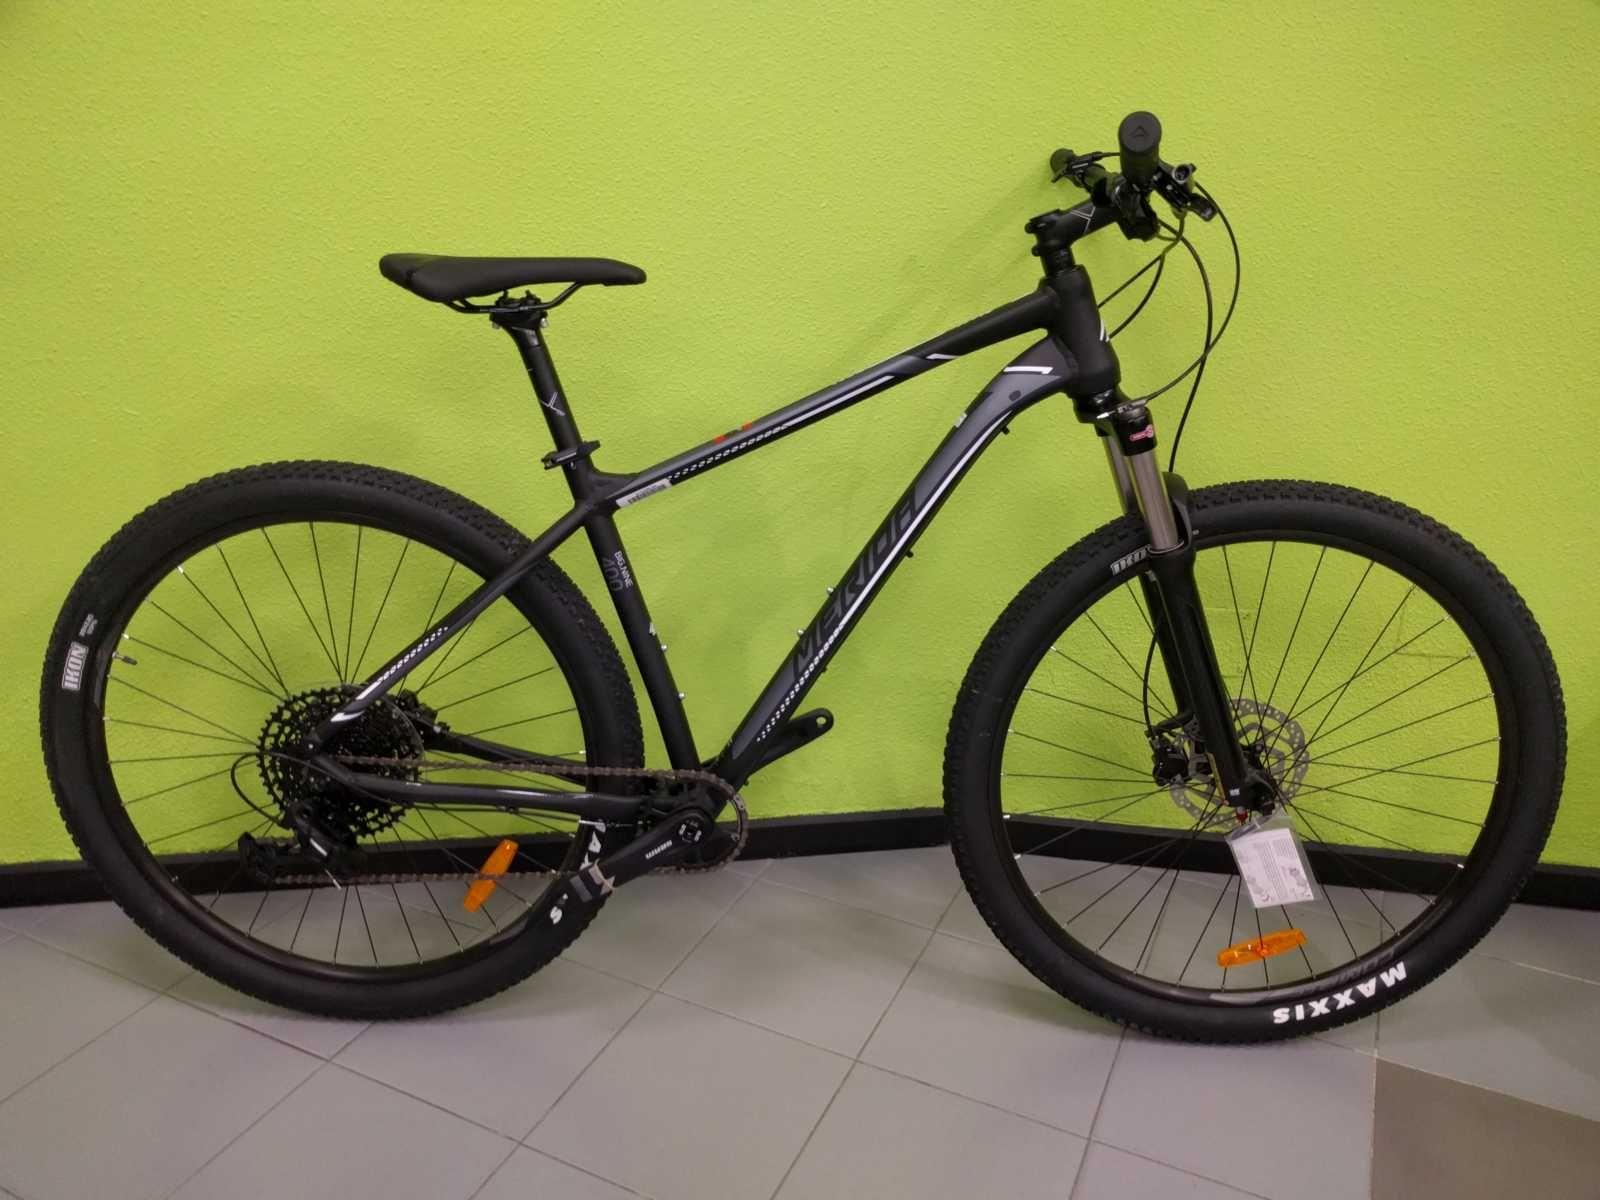 Bicicleta Merida Big Nine 400 En Talla L 59884 Categoría Bicicletas De Montaña Año 2020 Cambio Sram Sx Eagl Bicicletas Merida Bicicletas Bicicletas Mtb